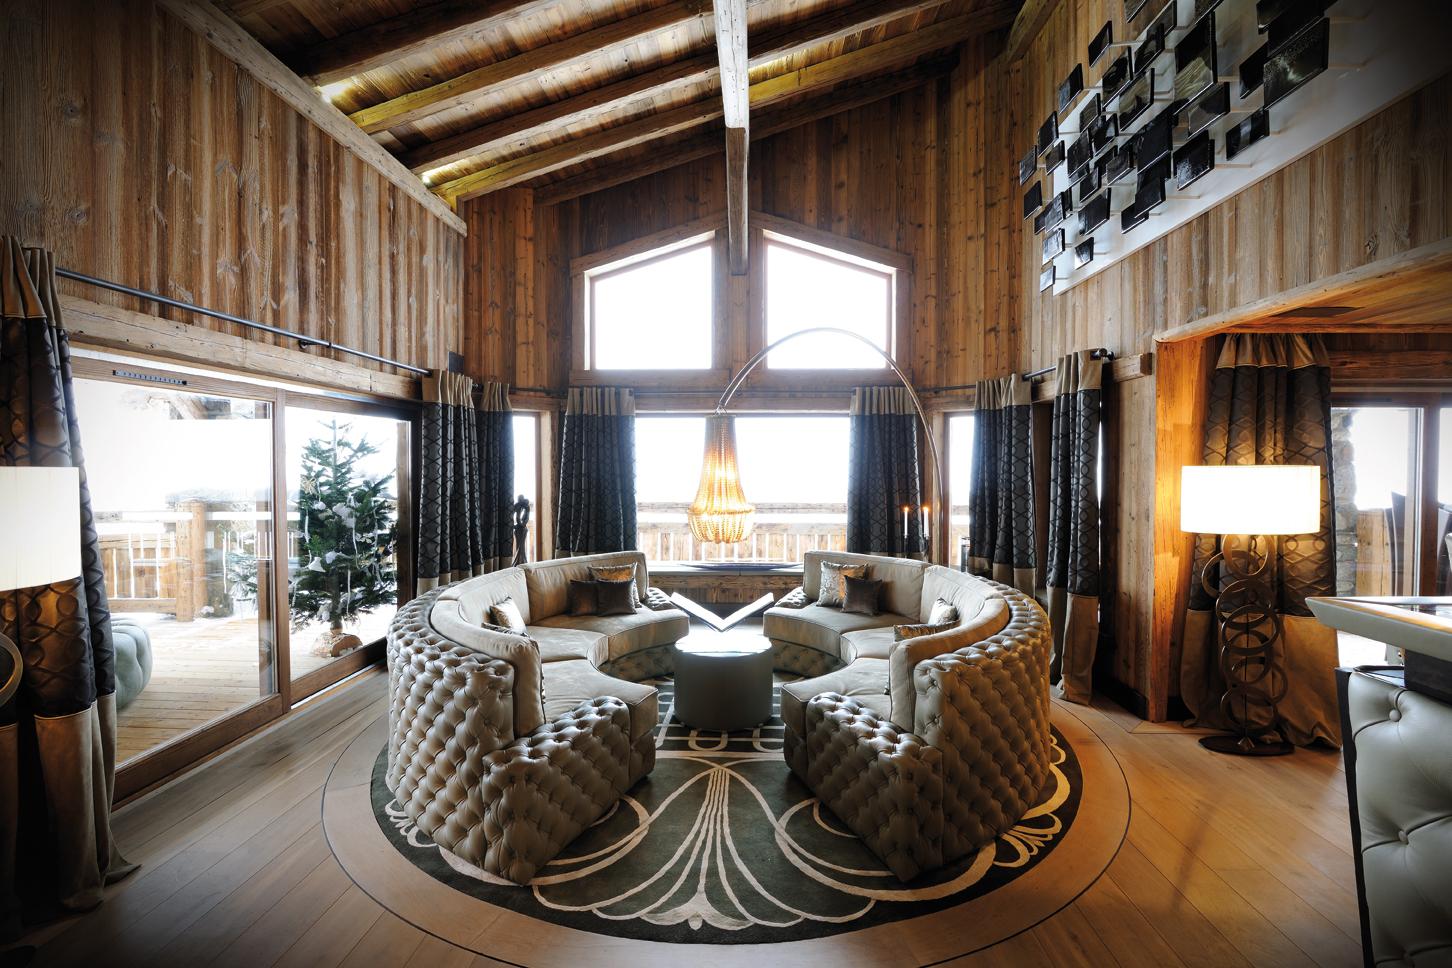 Le Refuge Megeve Architecte sun arbois - megève, france | visionnaire home philosophy